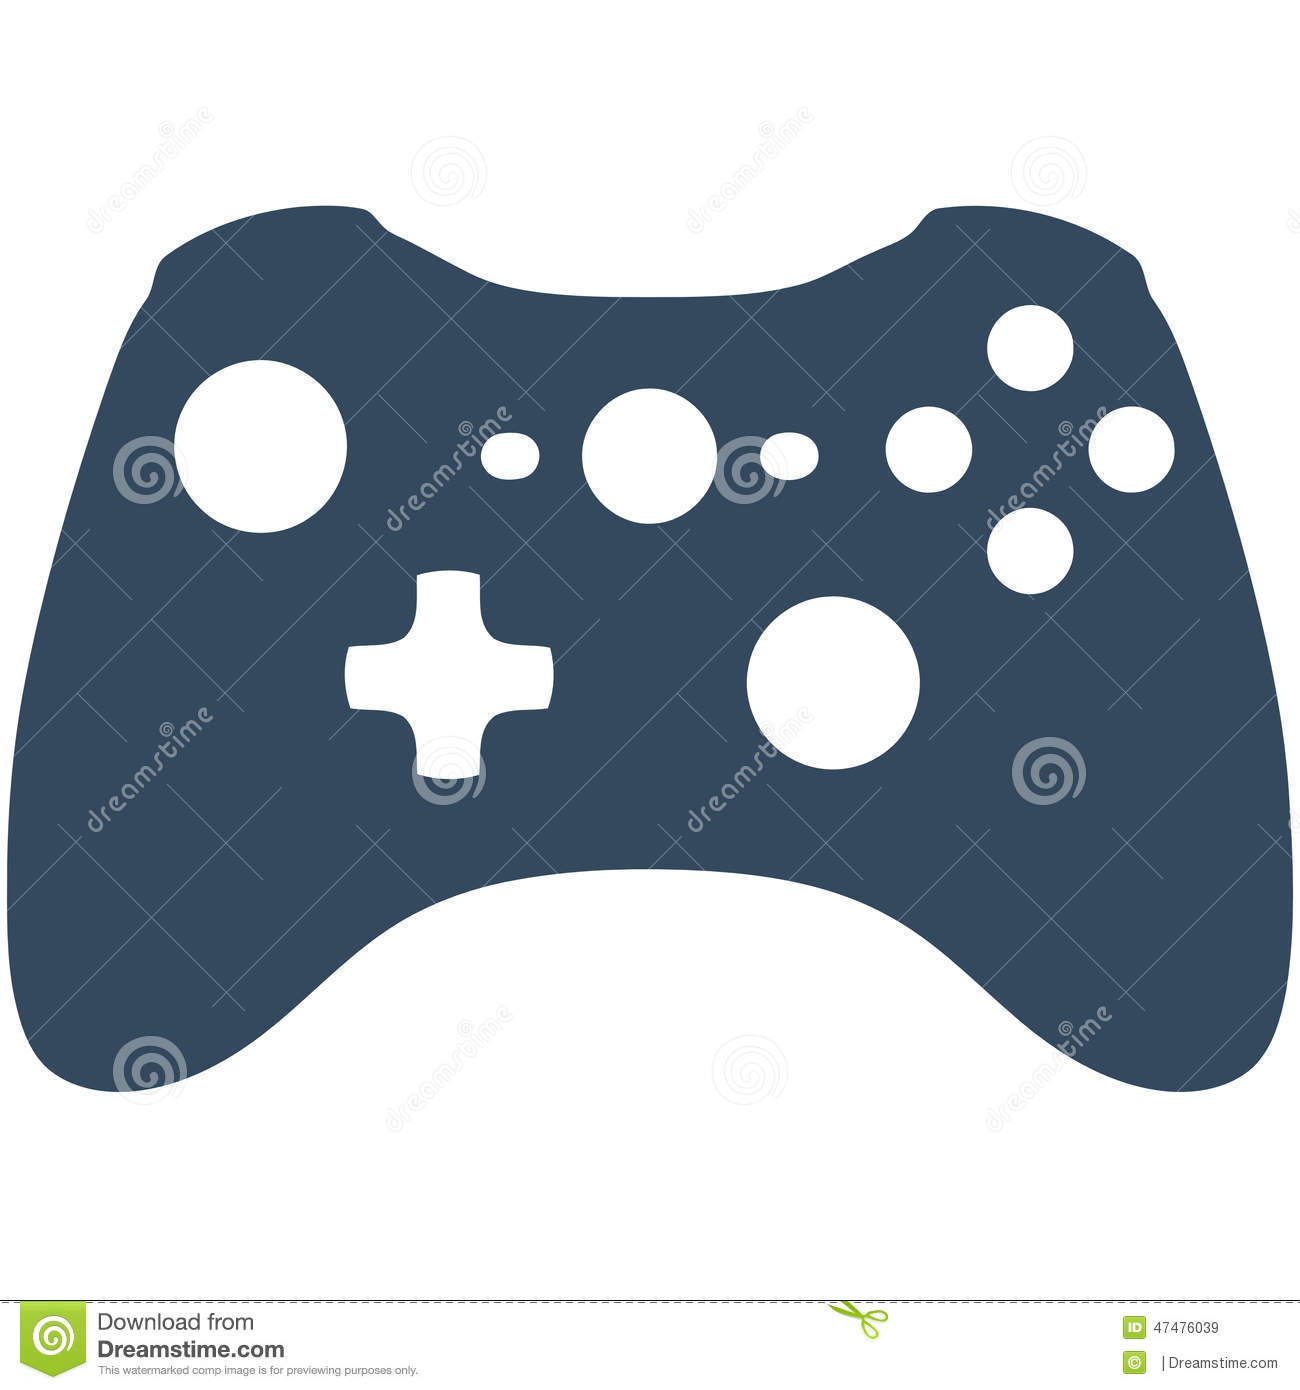 Xbox 360 Game Controller